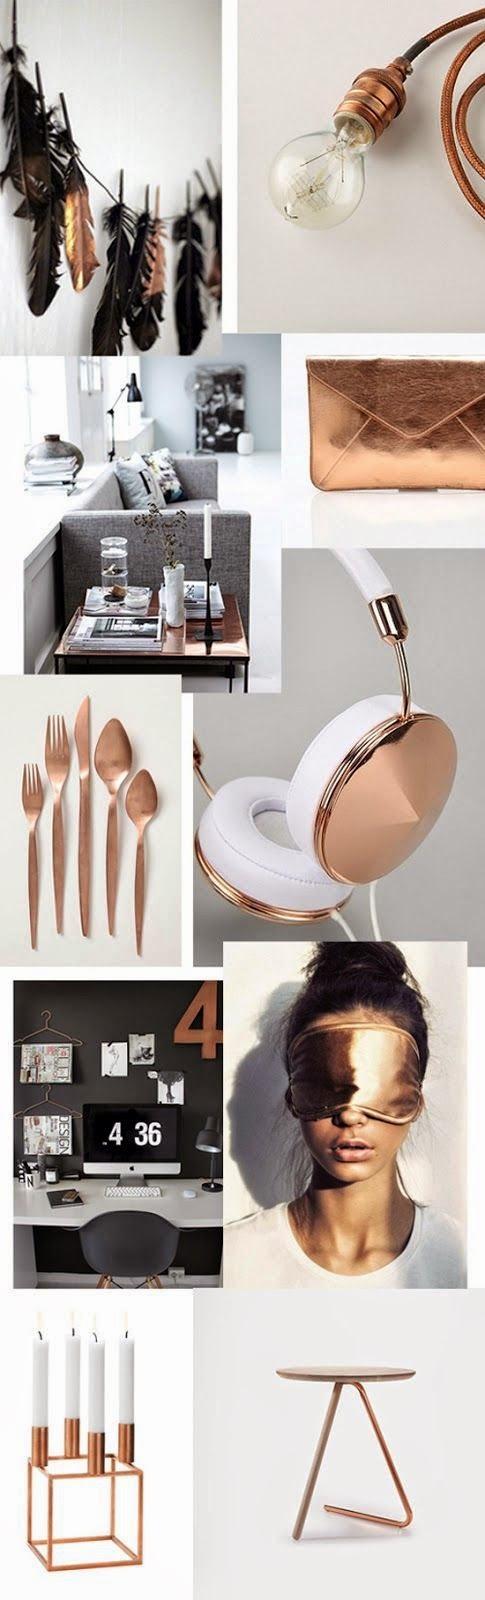 tendencia-decoracao-cobre